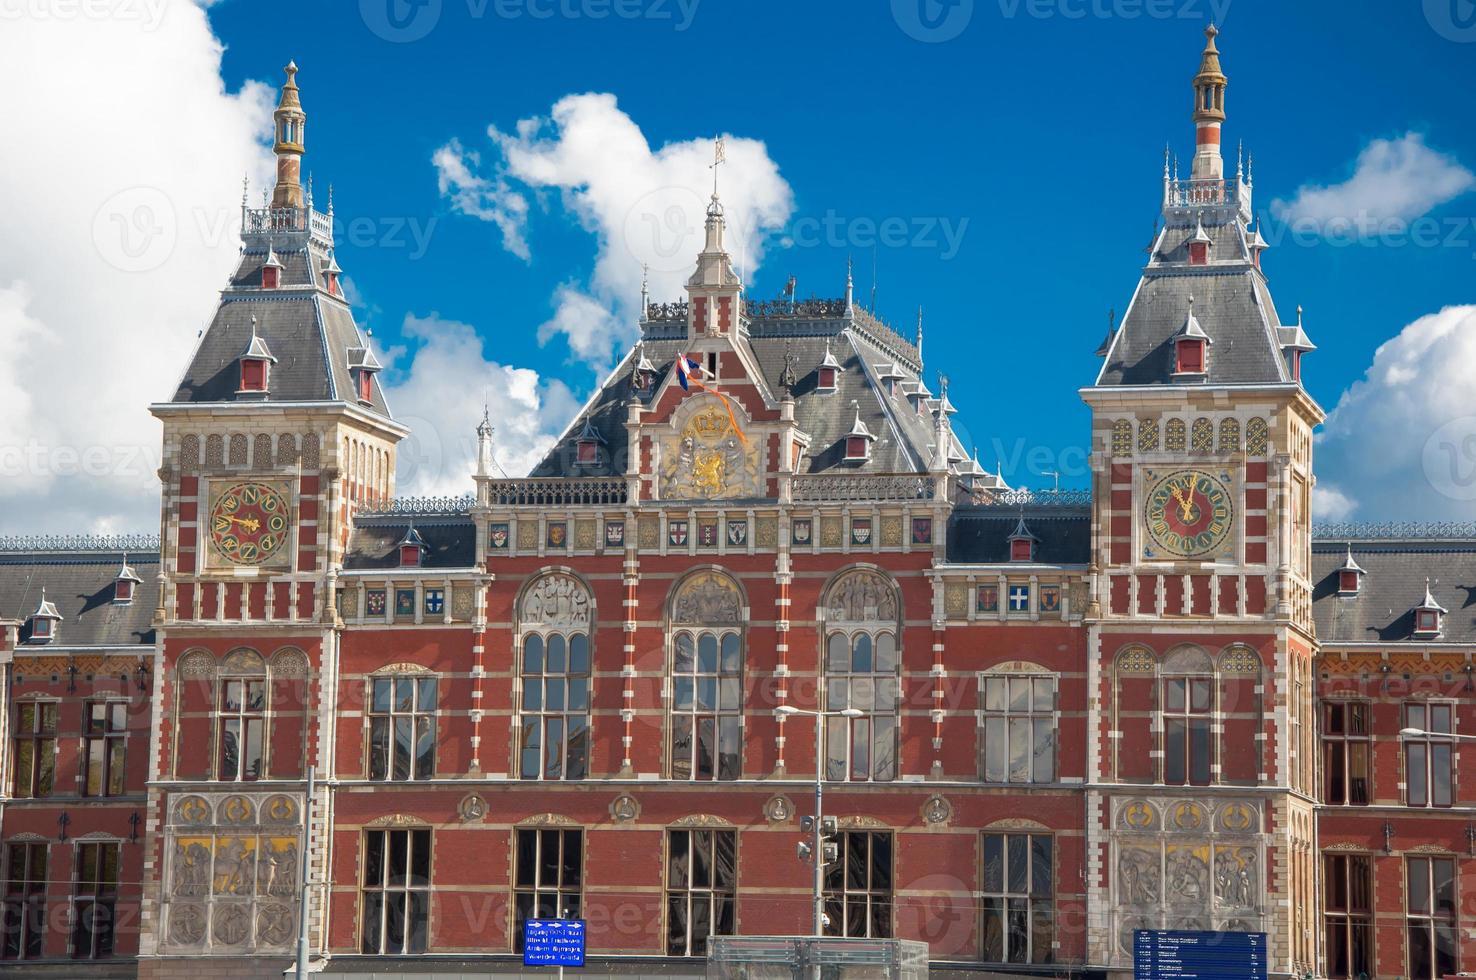 fasad på den centrala stationen amsterdam i solig dag, Nederländerna. foto